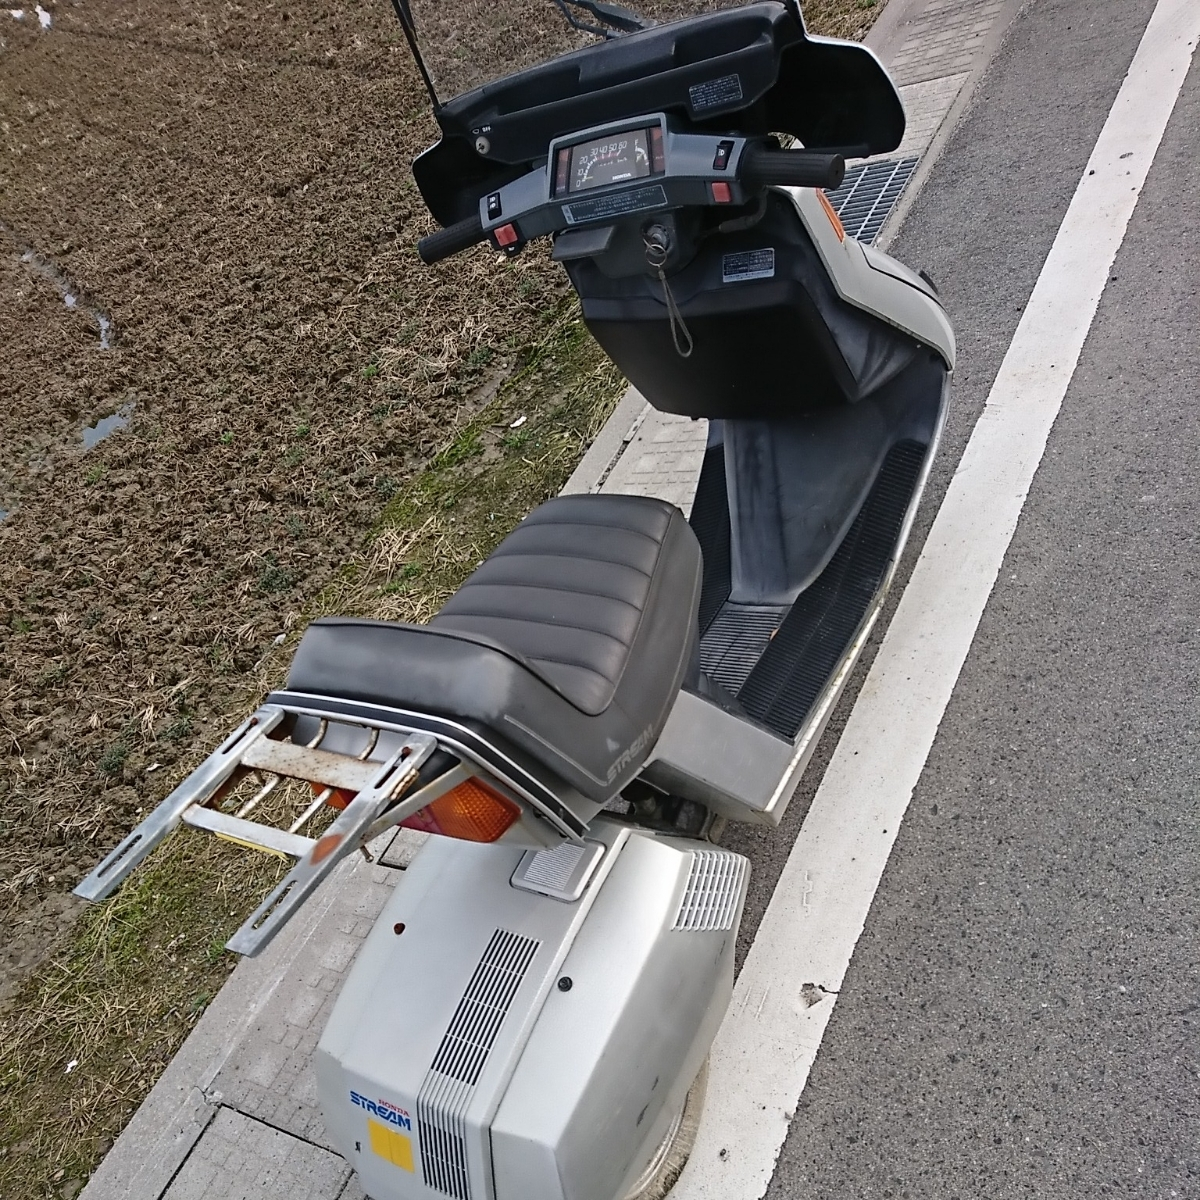 ホンダ ストリーム TB07 レストアベース カスタムベース 三輪 希少 旧車 _画像5